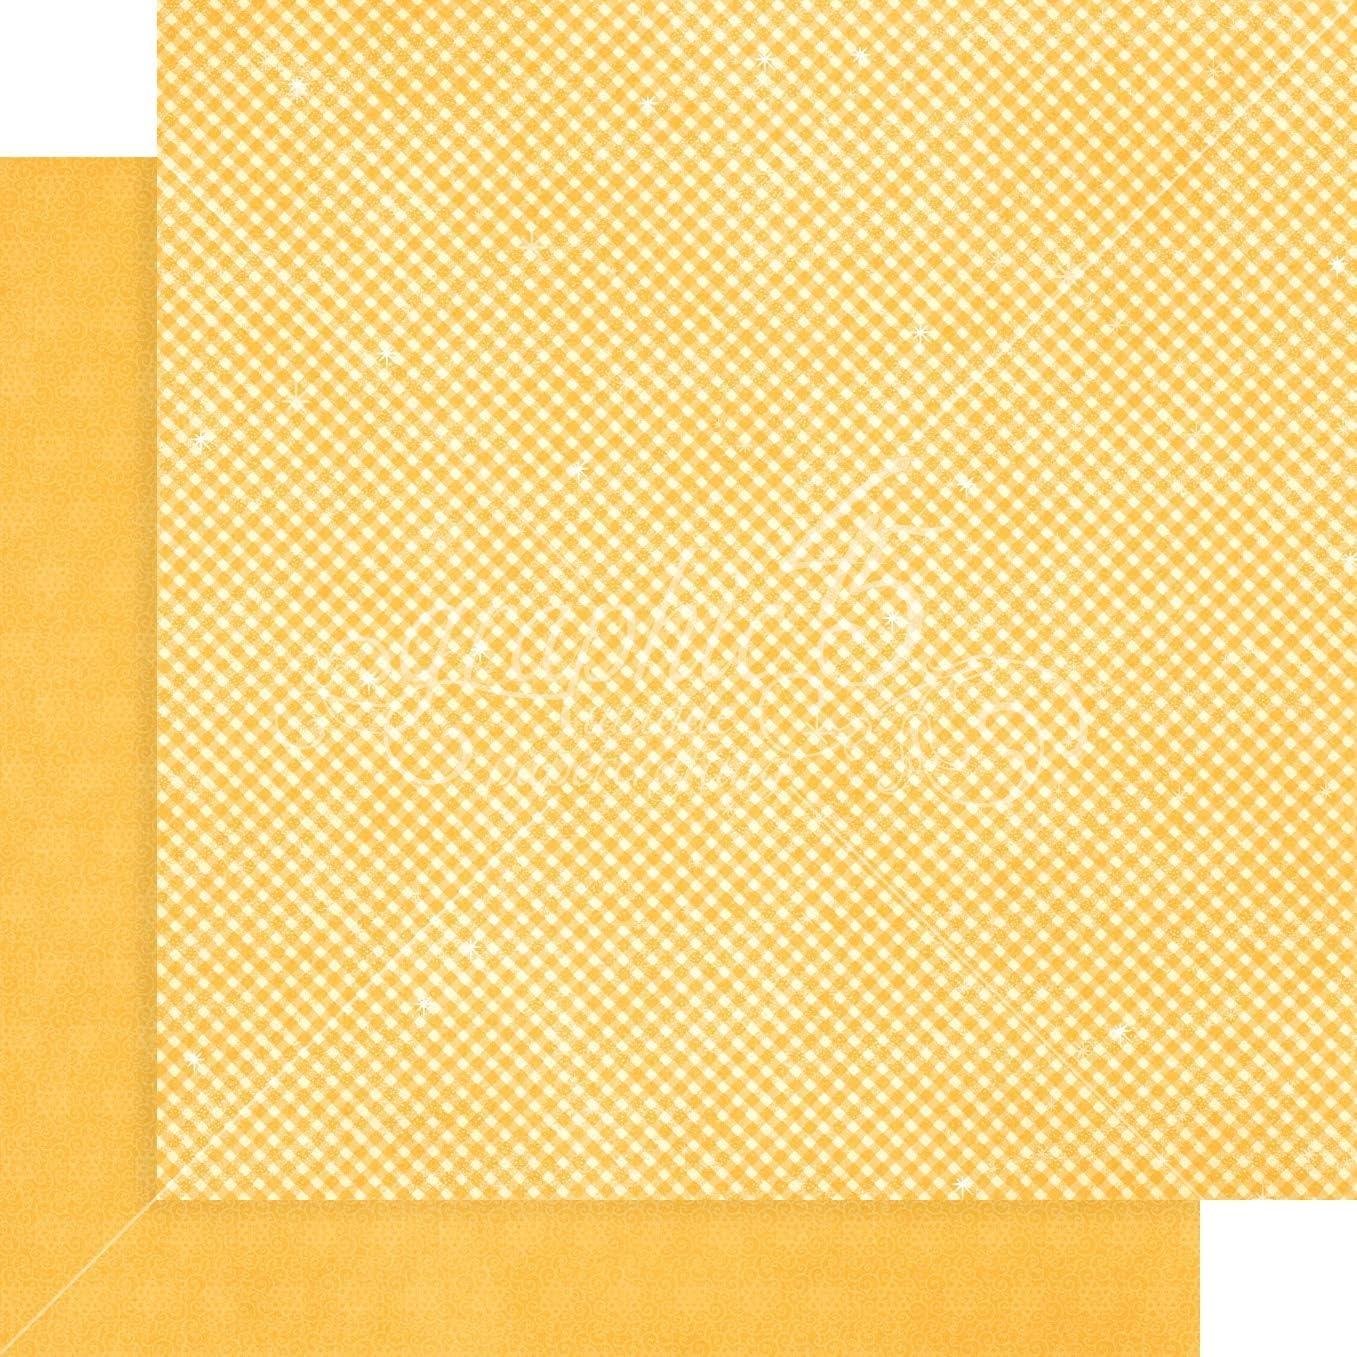 Graphic 45 Bloc de papier Motif ailes de f/ée 30,5 x 30,5 cm